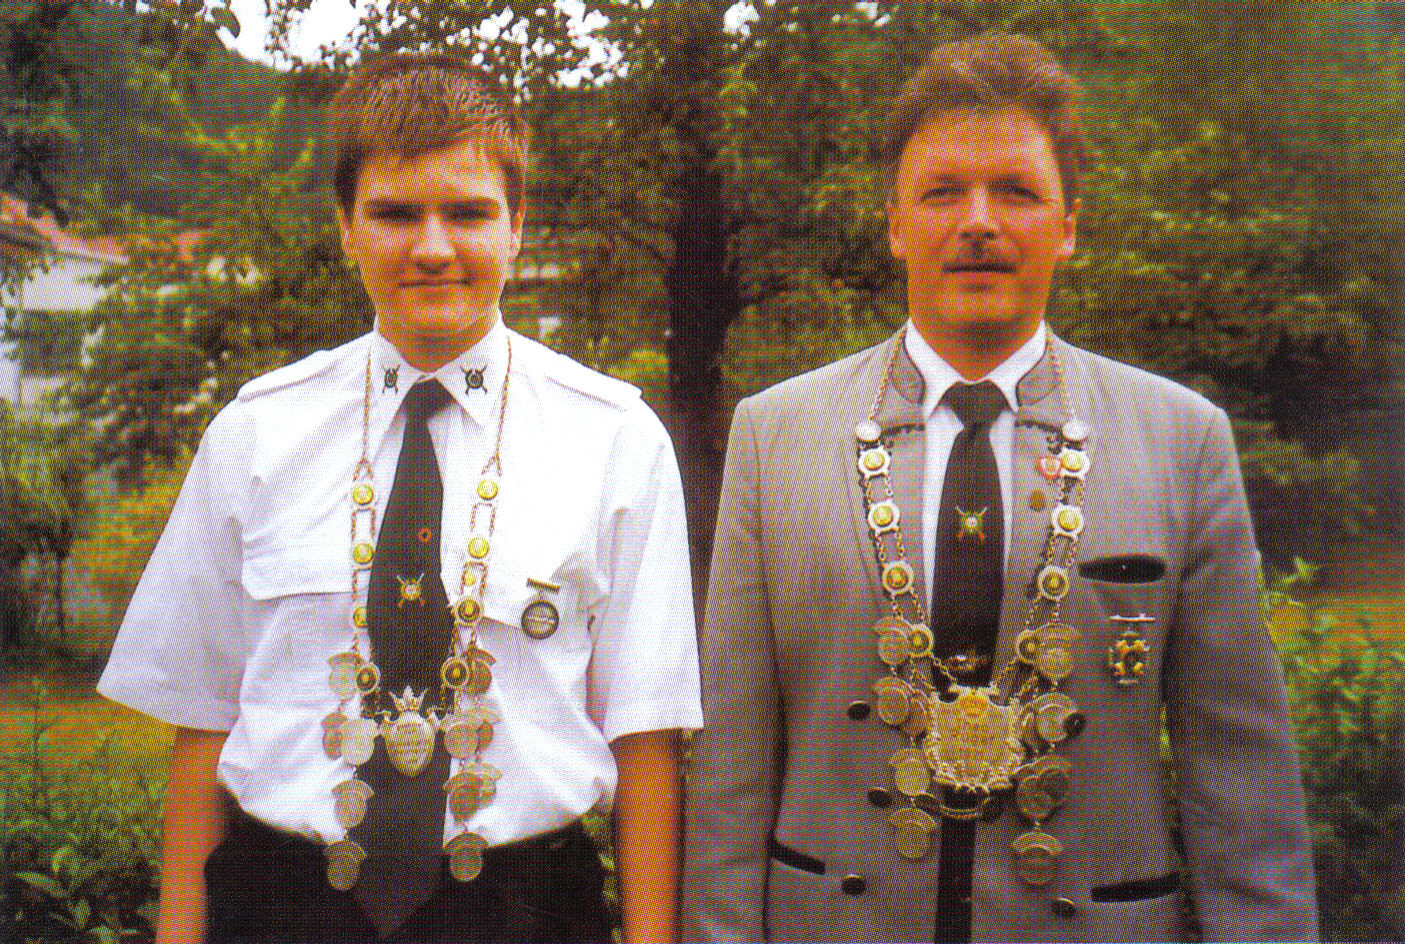 Schützenkönig 2002: Michael Tschernich und Jungschützenkönig: Steffen Heublein